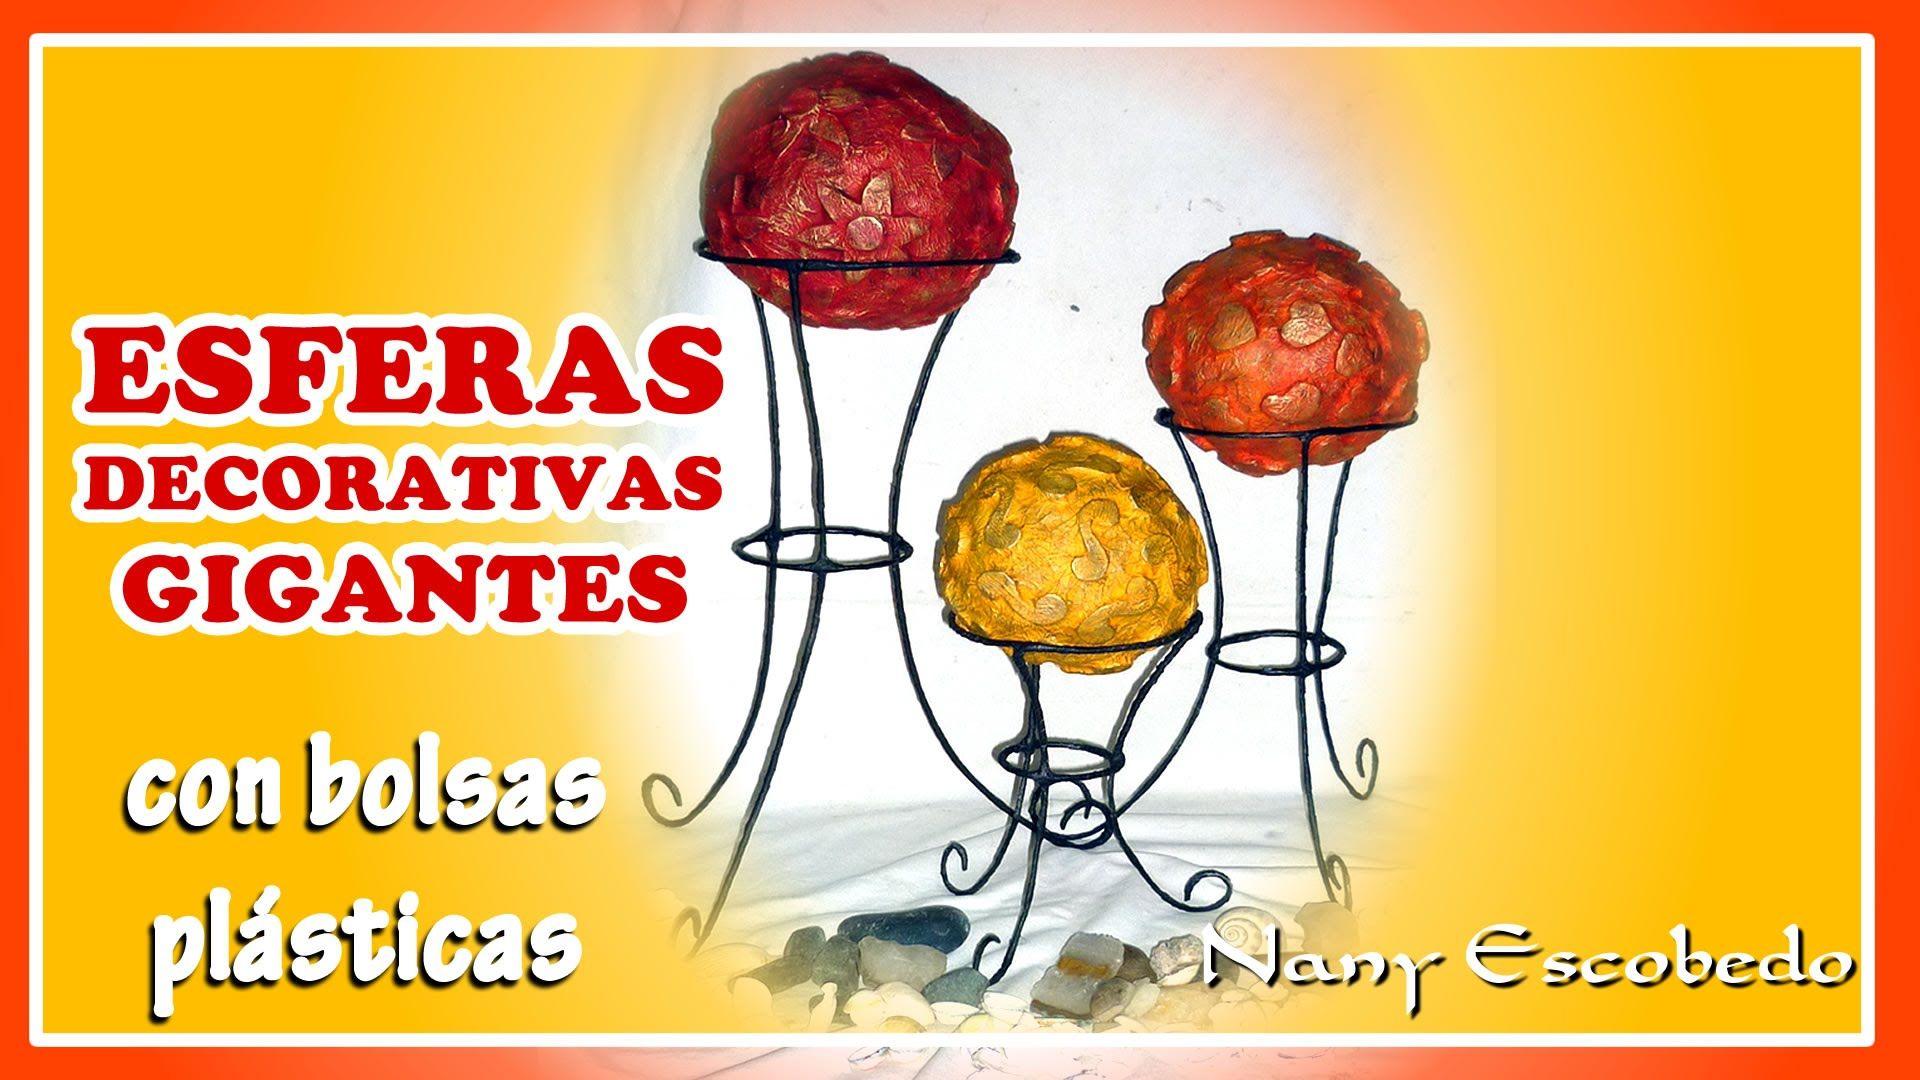 ESFERAS DECORATIVAS GIGANTES CON BOLSAS PLÁSTICAS